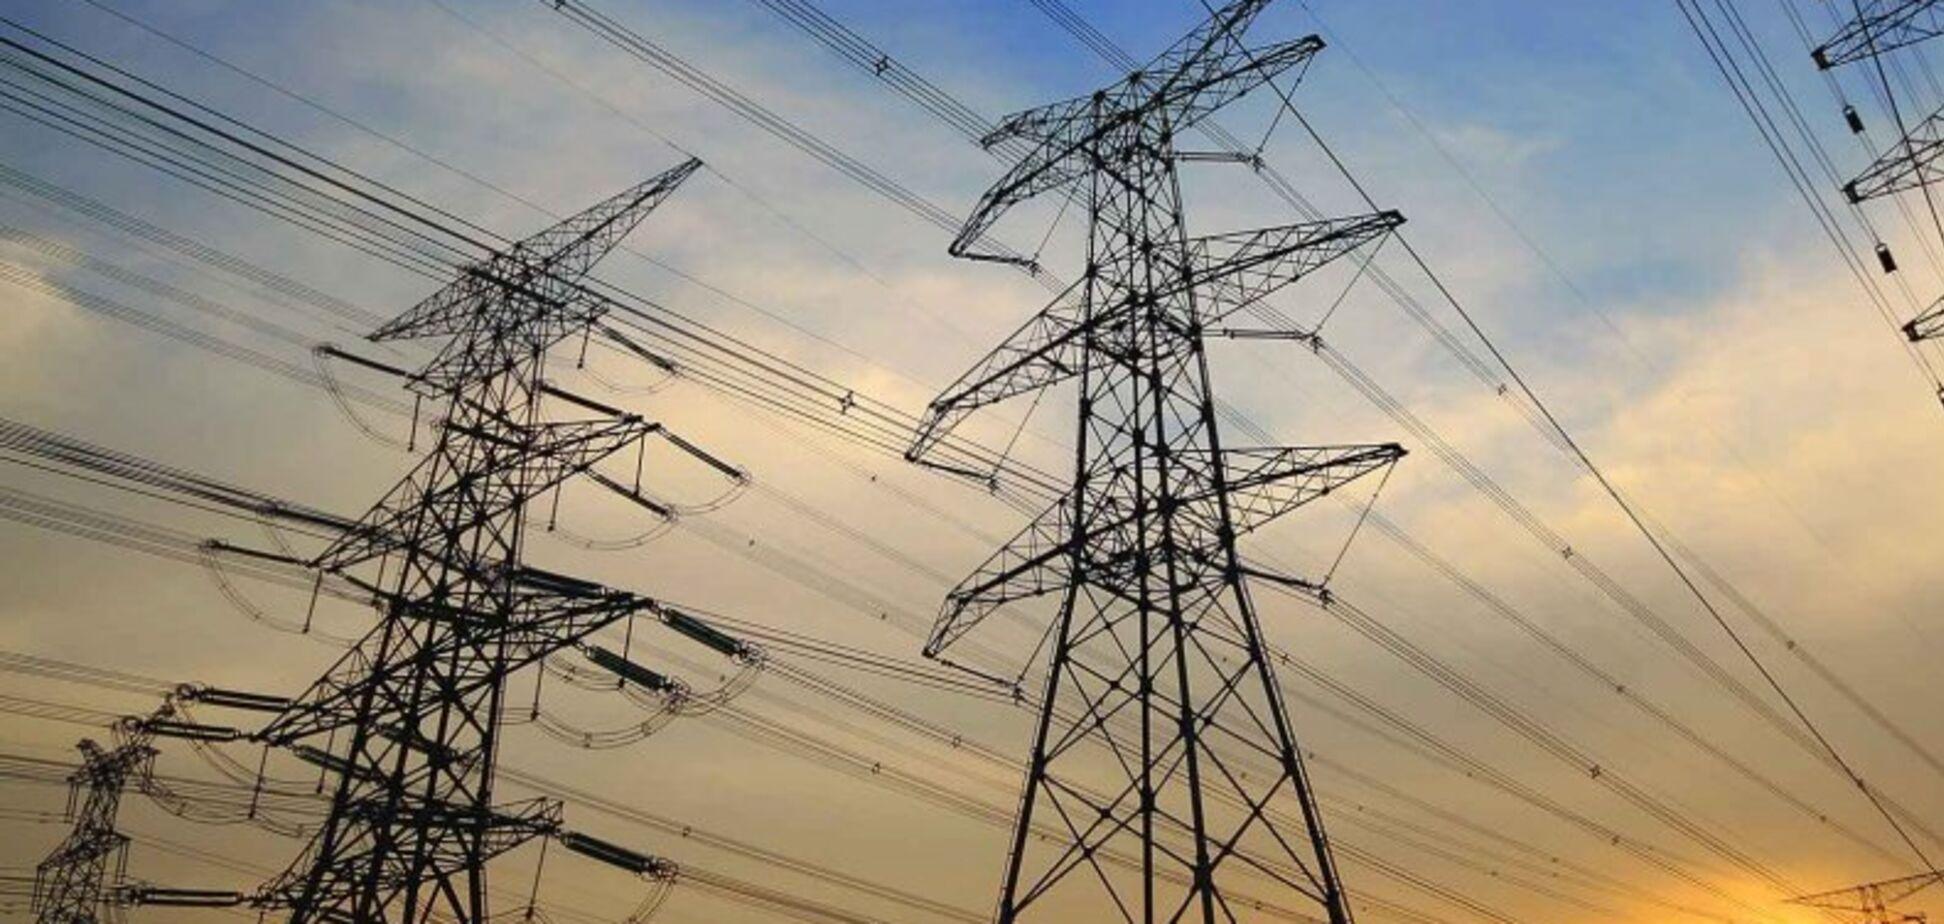 Аукцион для импорта тока из РФ и Беларуси состоится по резервному механизму, – 'Укрэнерго'